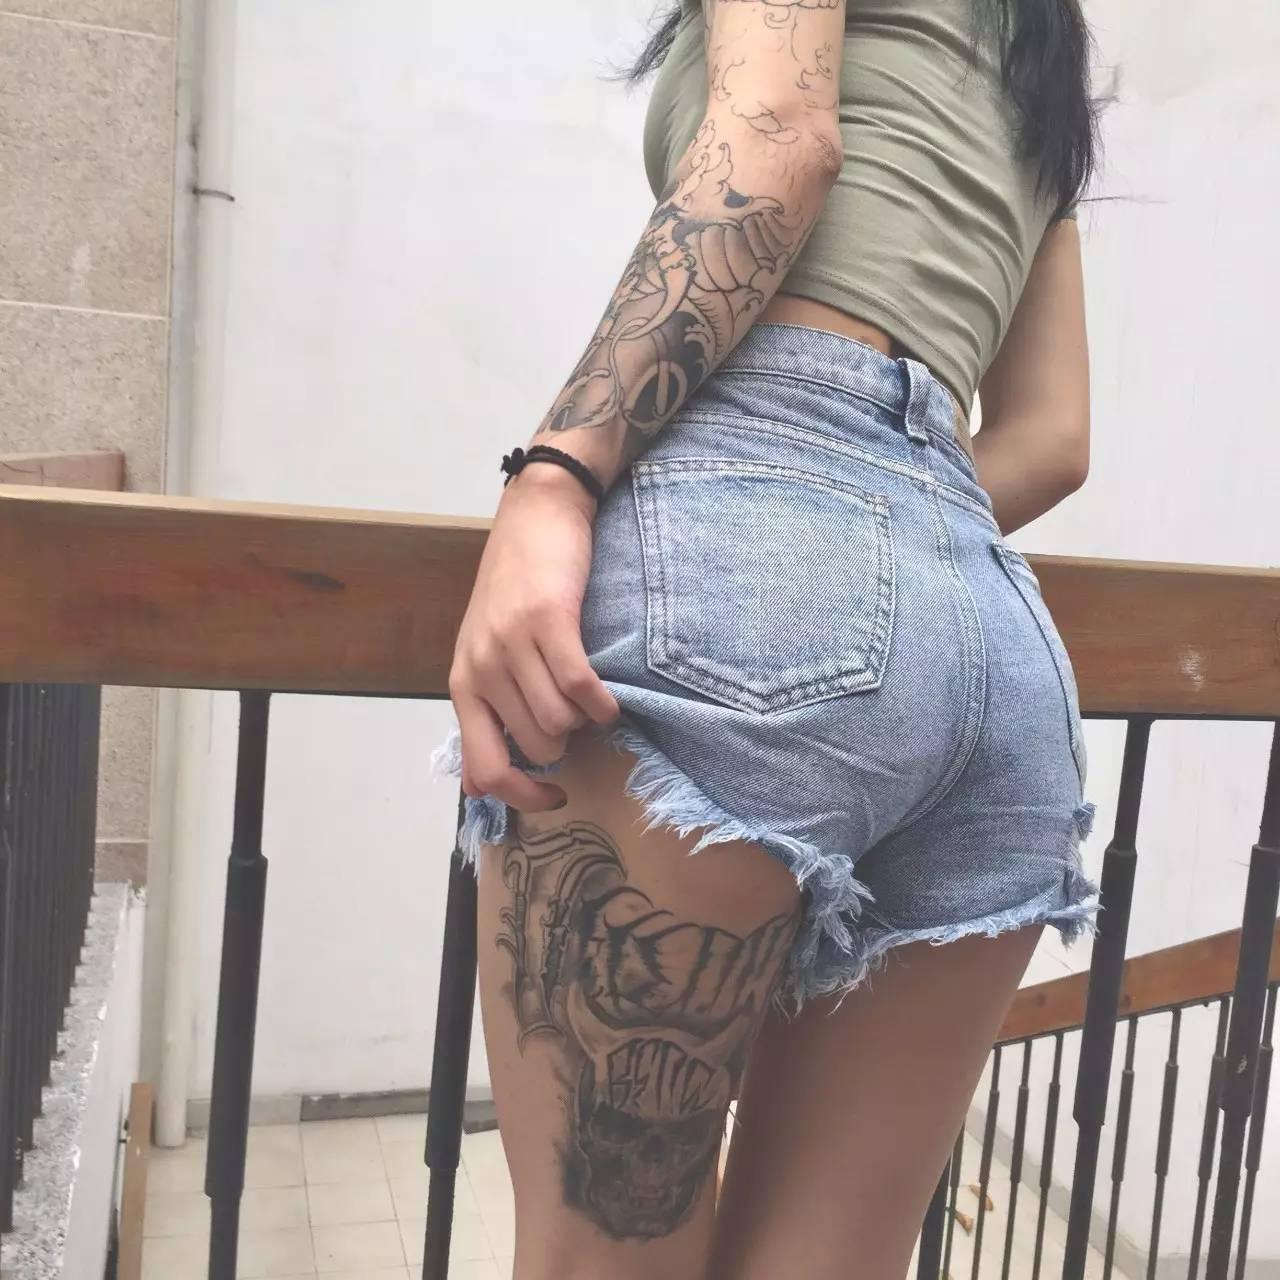 我叫西木子,在深圳长大,21岁,典型的狮子座女生,目前是一名纹身师.图片